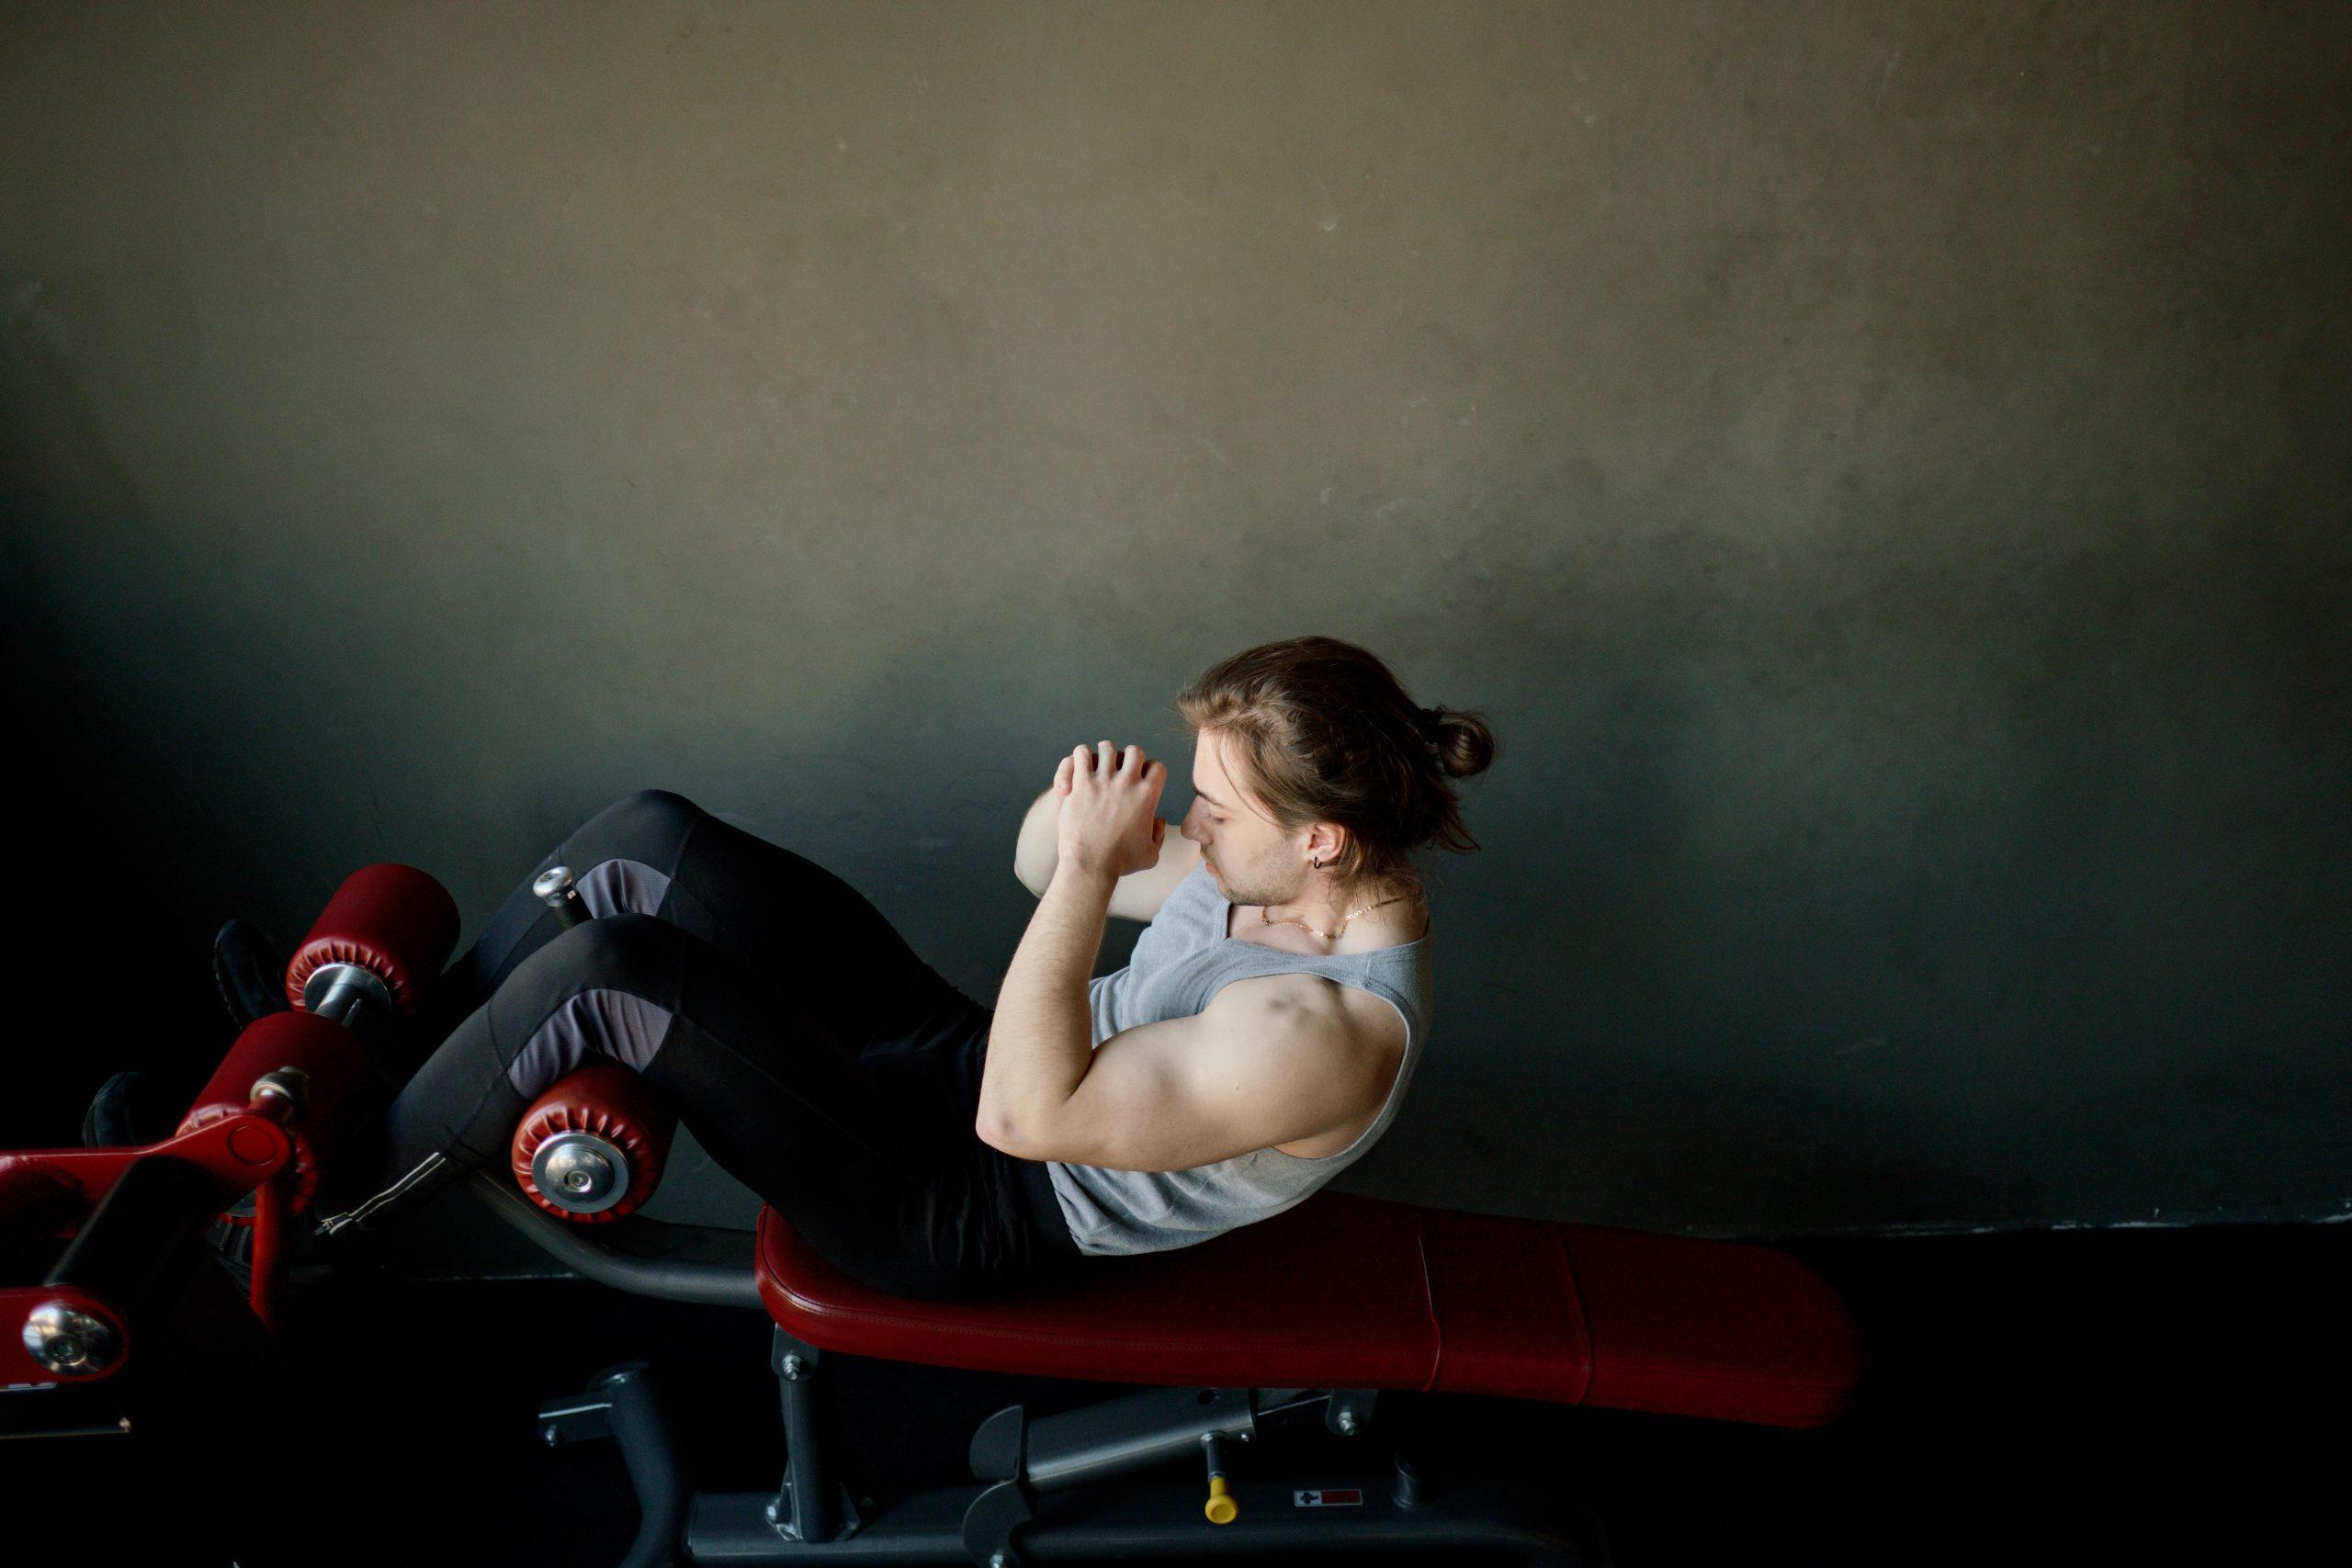 Mujer ejercitandose en banco de musculacion